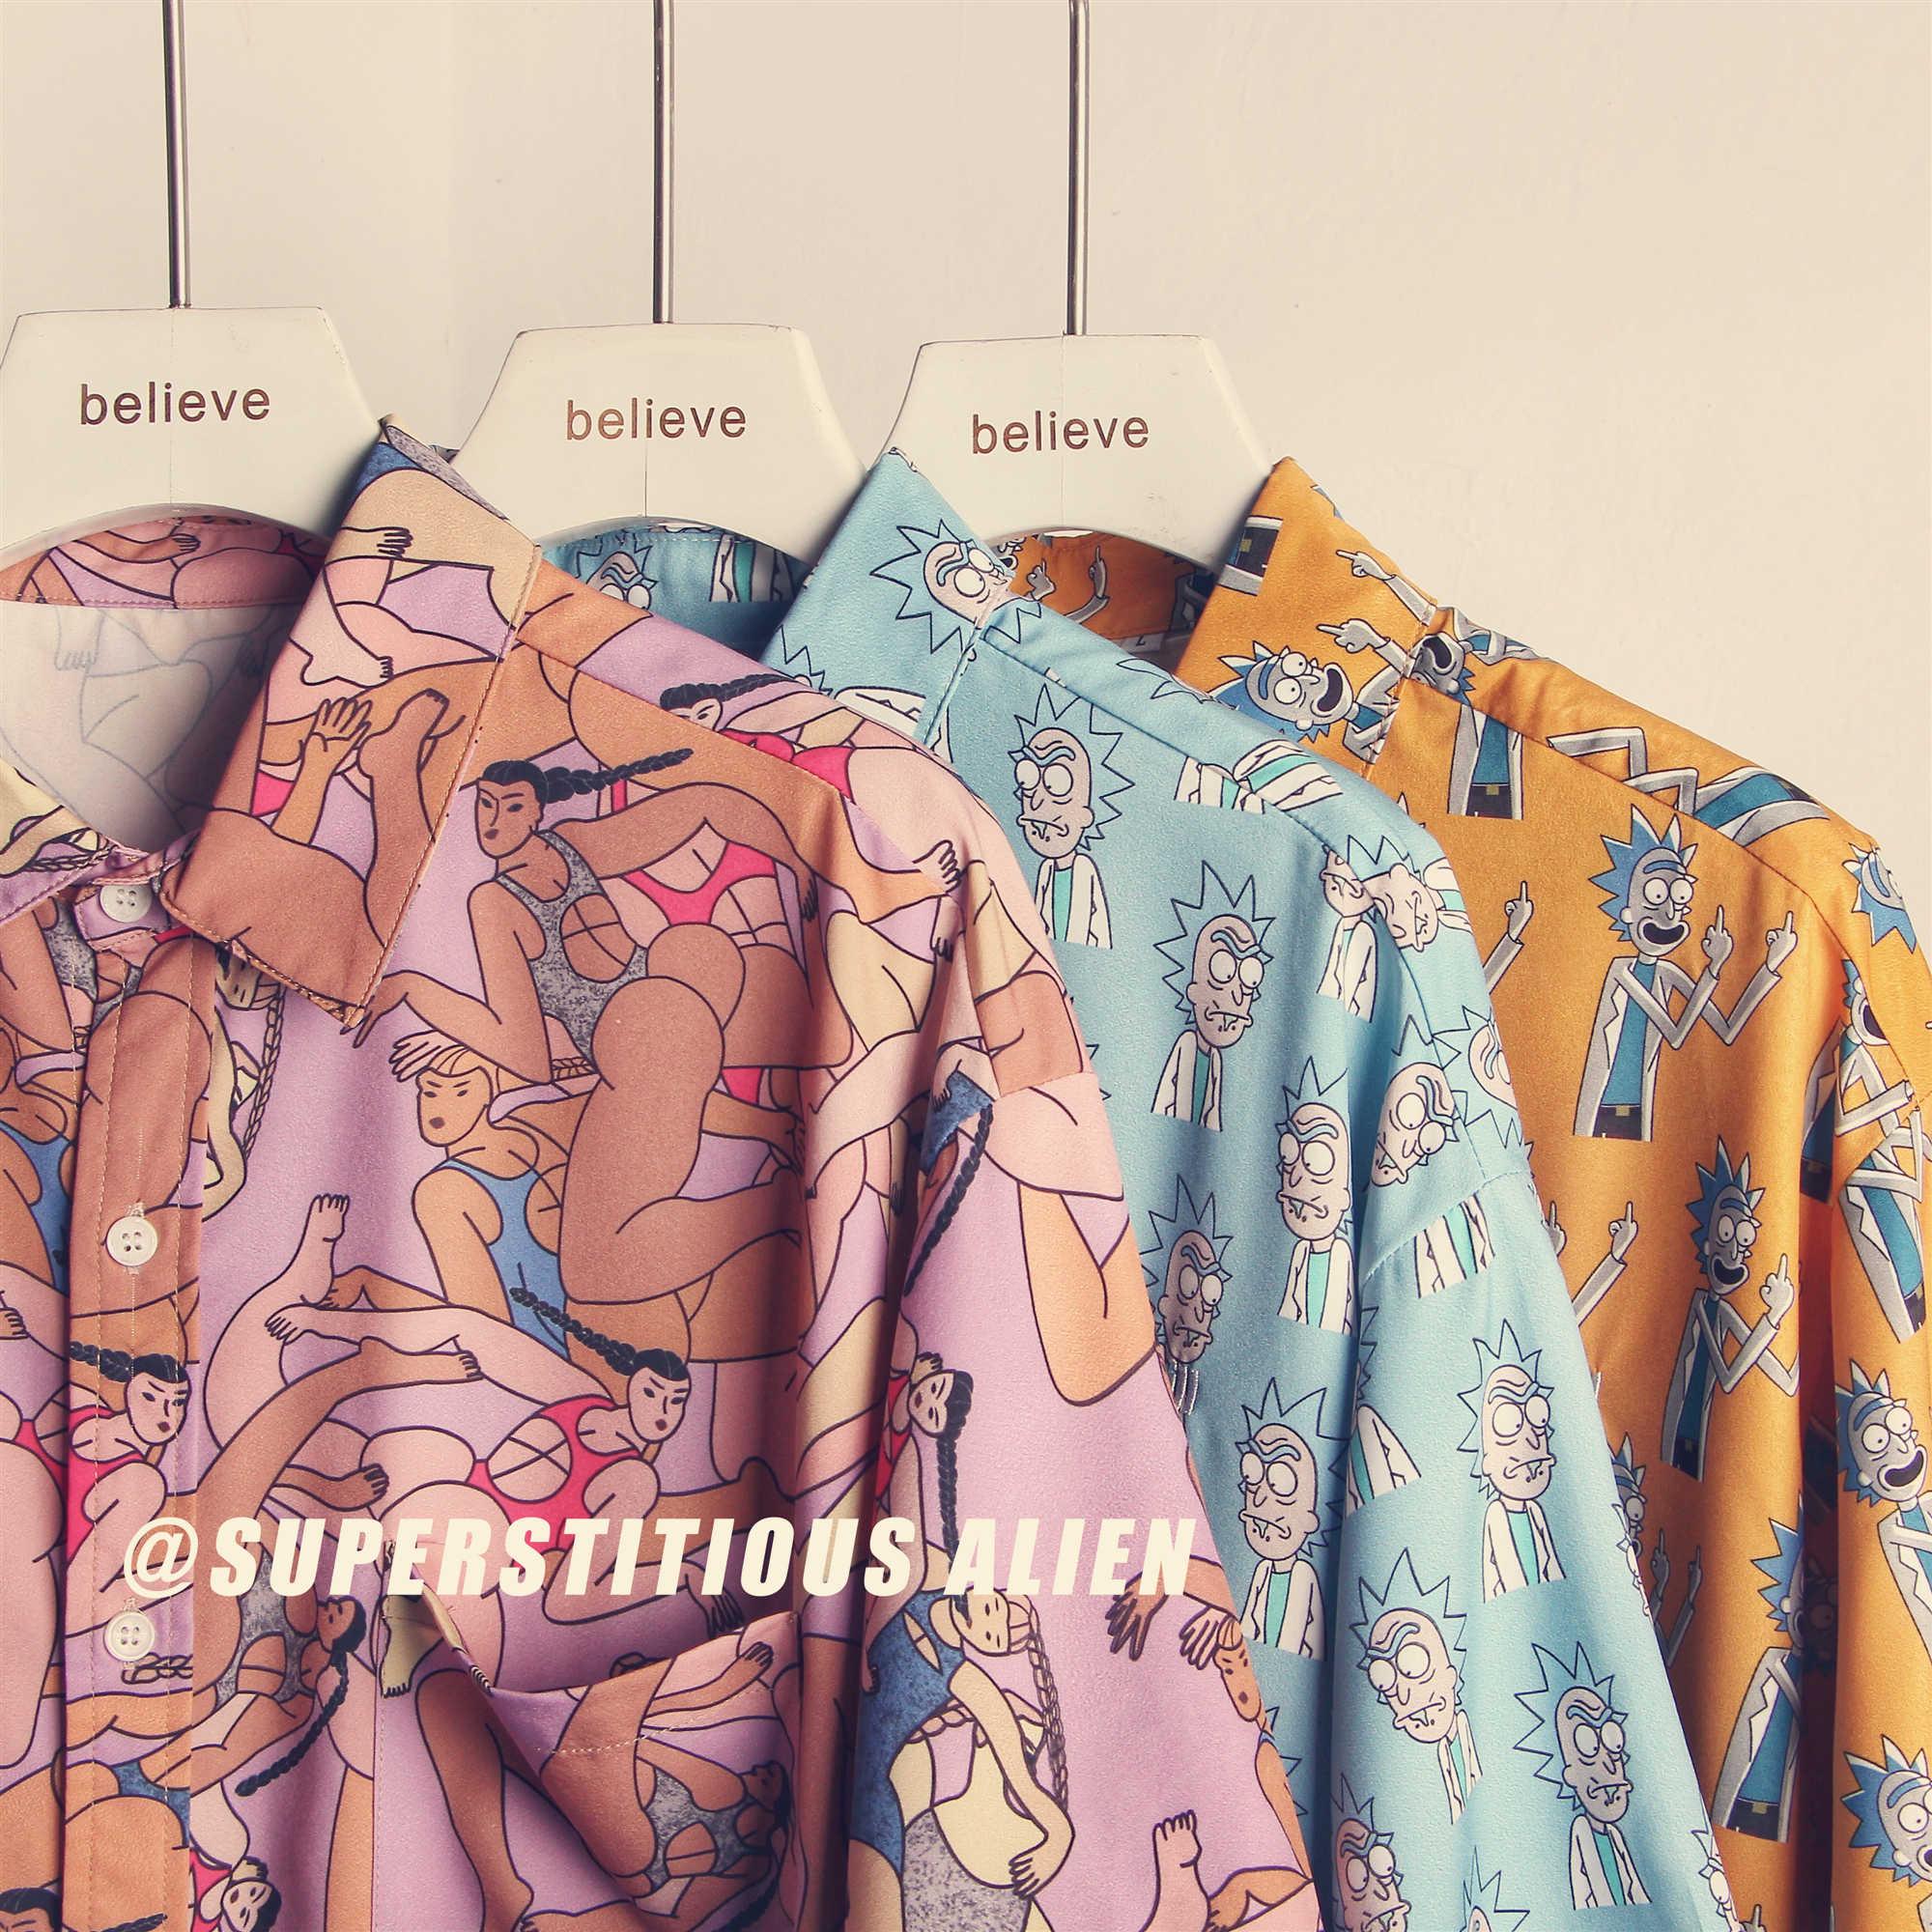 花衬衫女复古港味宽松短袖夏威夷情侣装设计感小众上衣印花潮牌